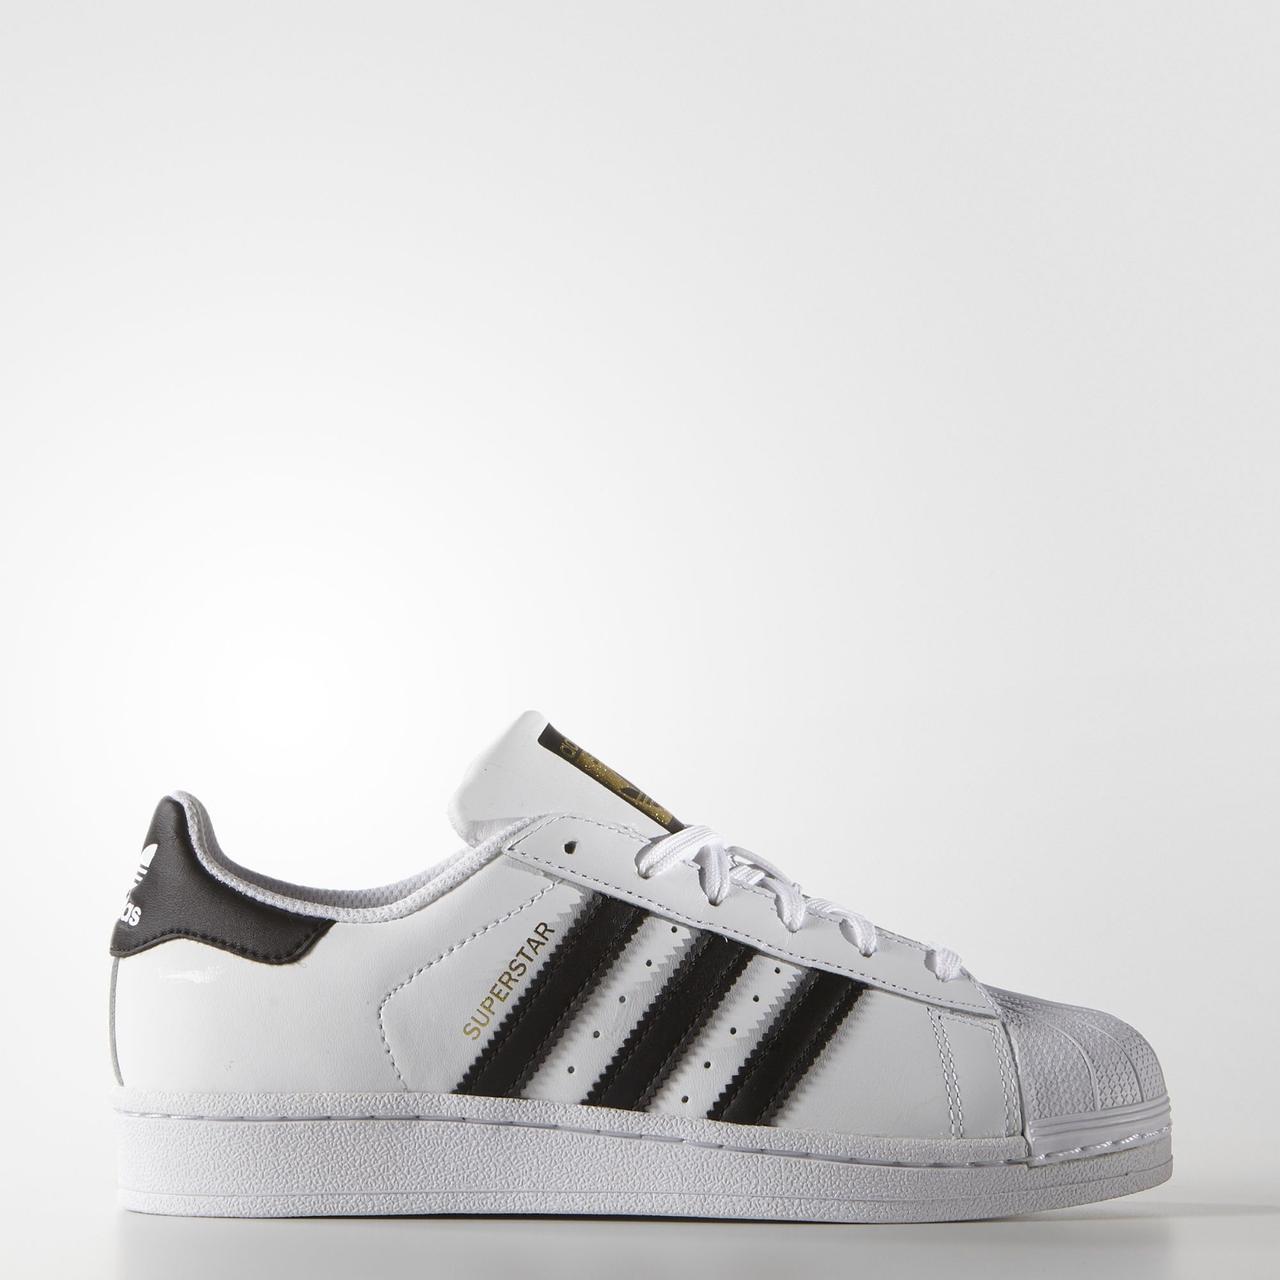 Детские кроссовки Adidas Originals Superstar (Артикул: C77154)